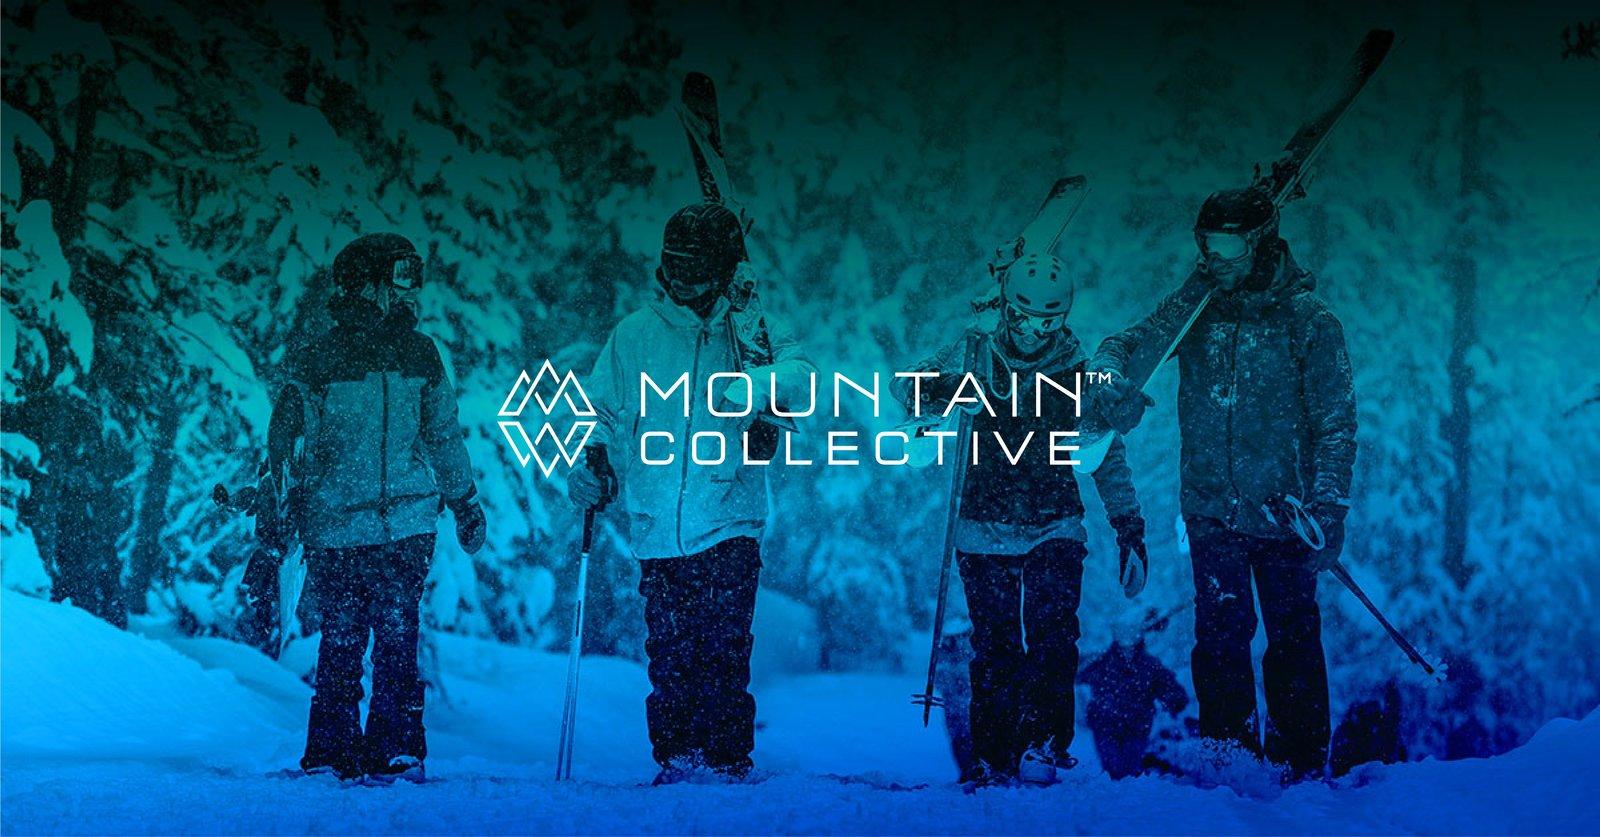 マウンテンコレクティブのリゾートでスキーを楽しむ人々